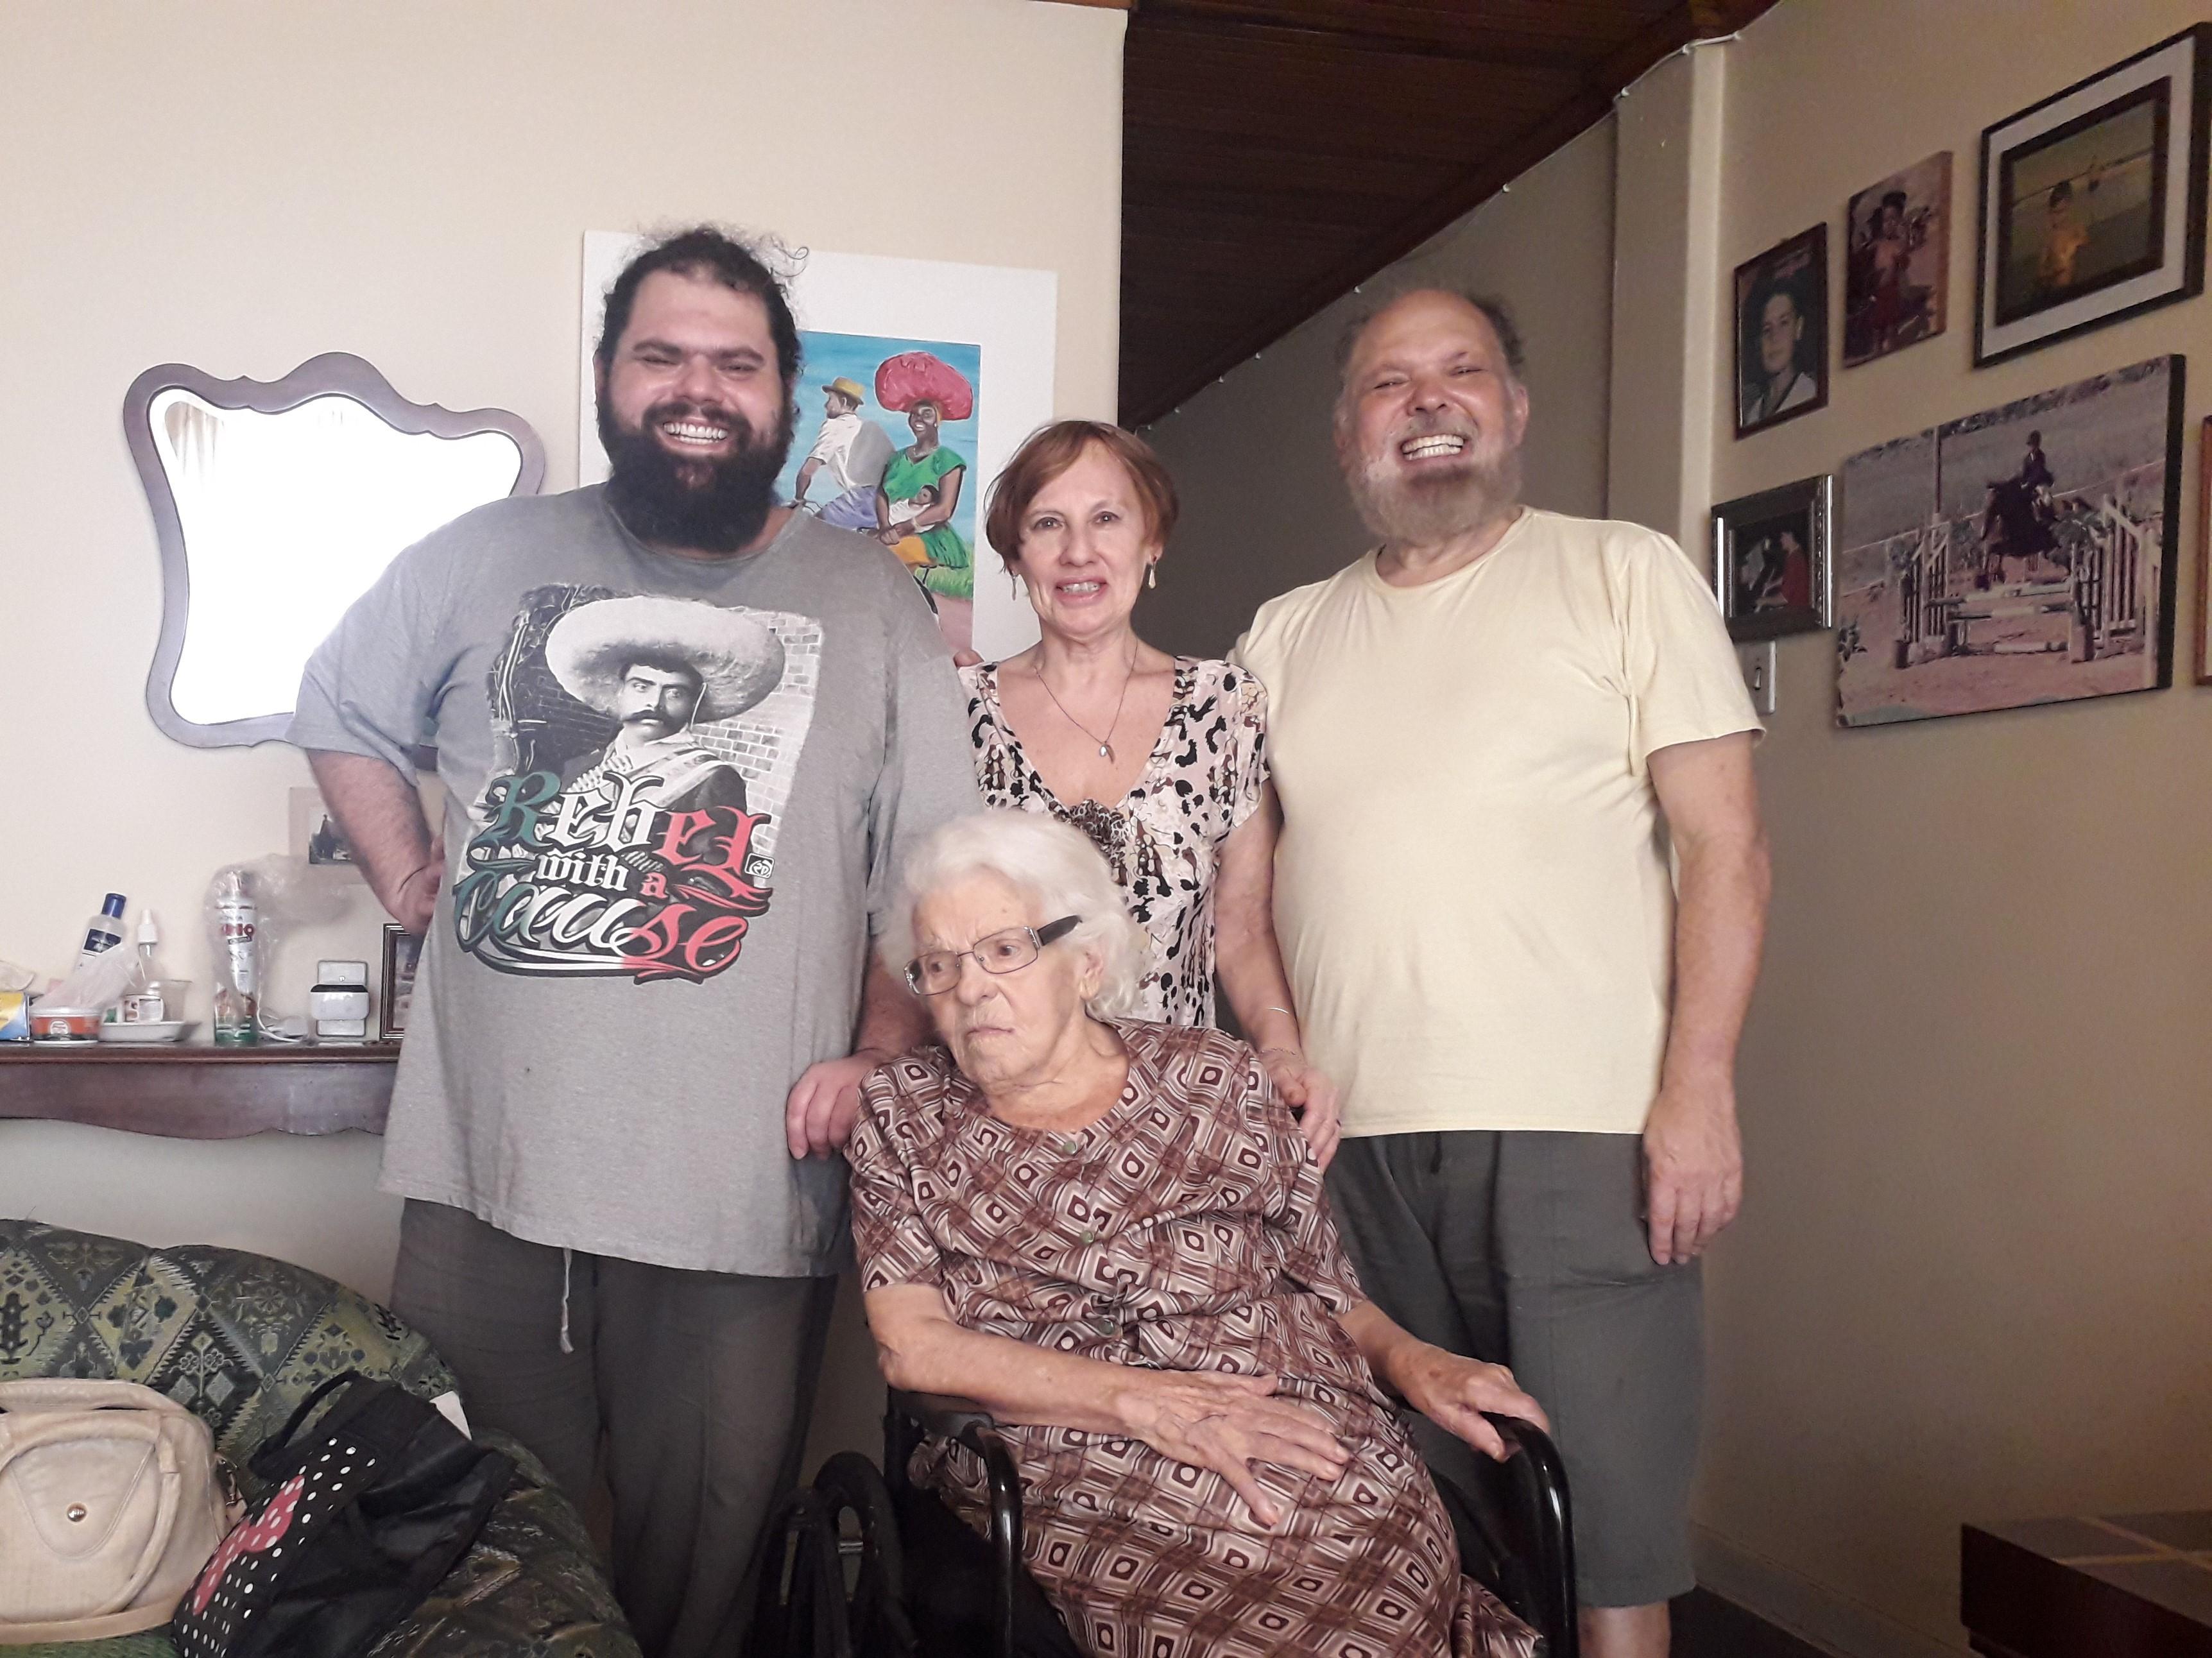 A família do ator Ricardo Nolasco encarou o conflito de gerações e agora todos se entendem melhor em casa